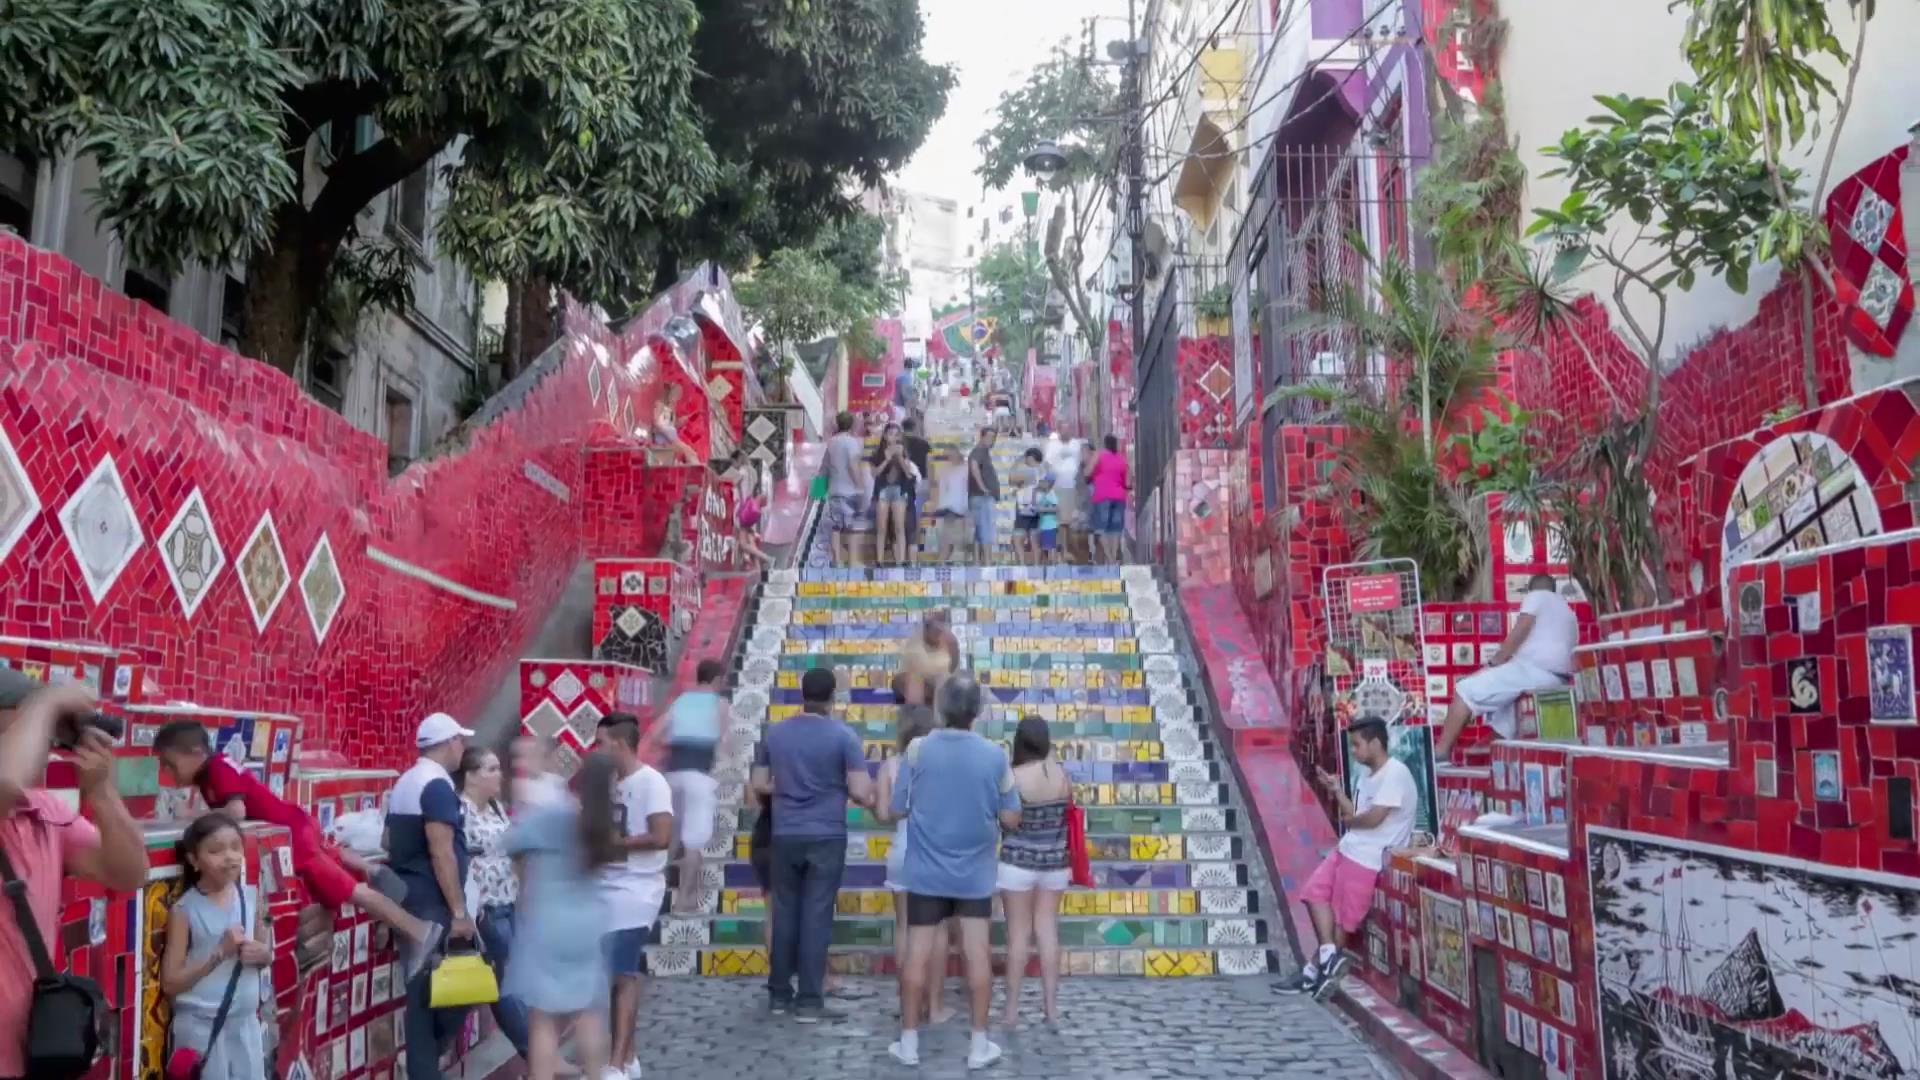 里约热内卢耶稣像大海海滩小镇景区滑板电音节烟花秀